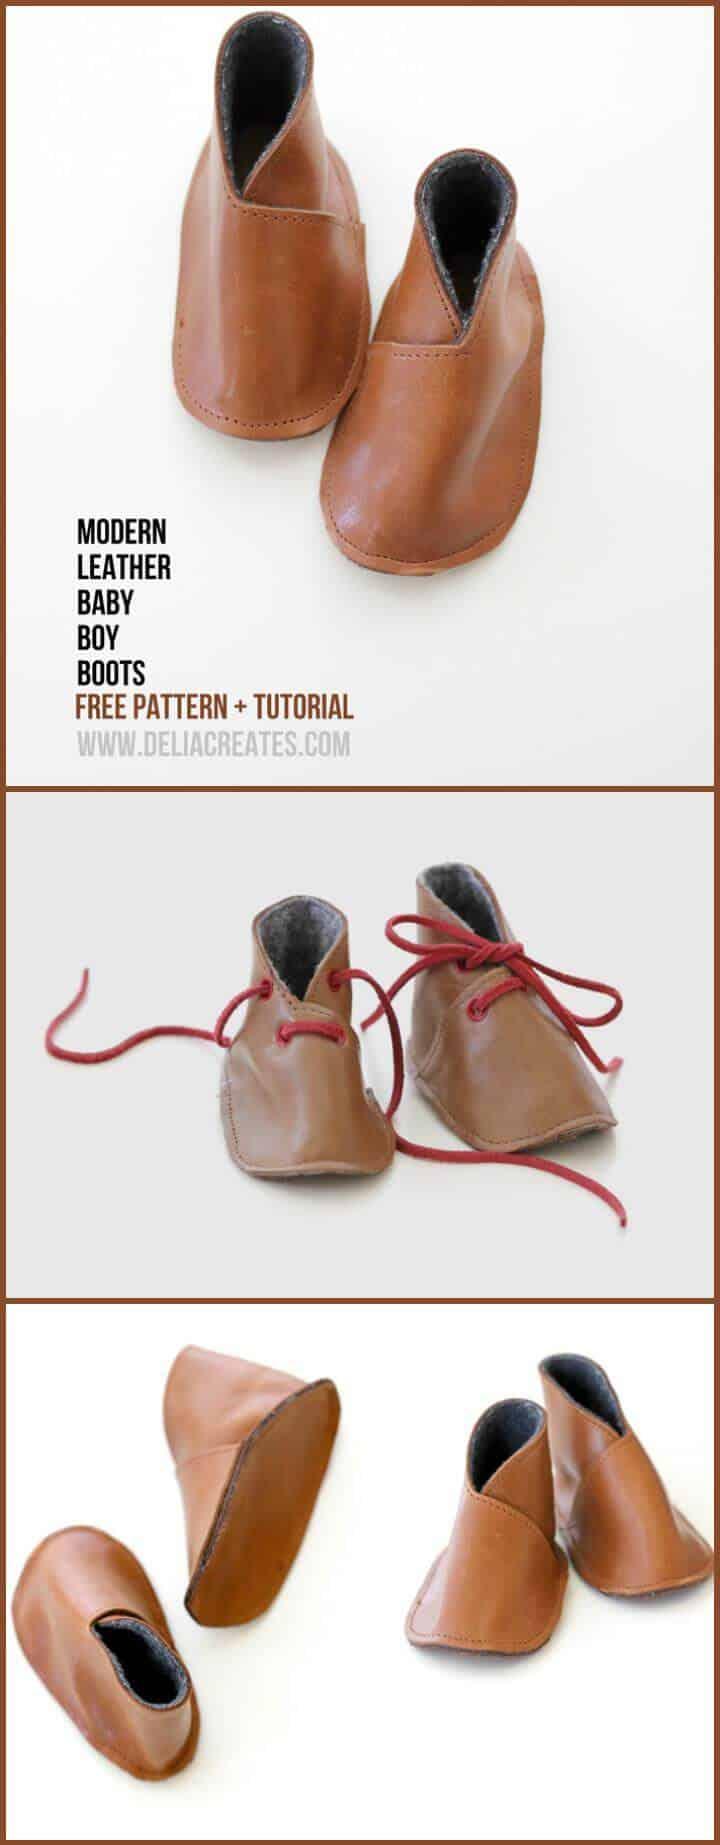 zapatos de bebé de cuero modernos hechos a sí mismos